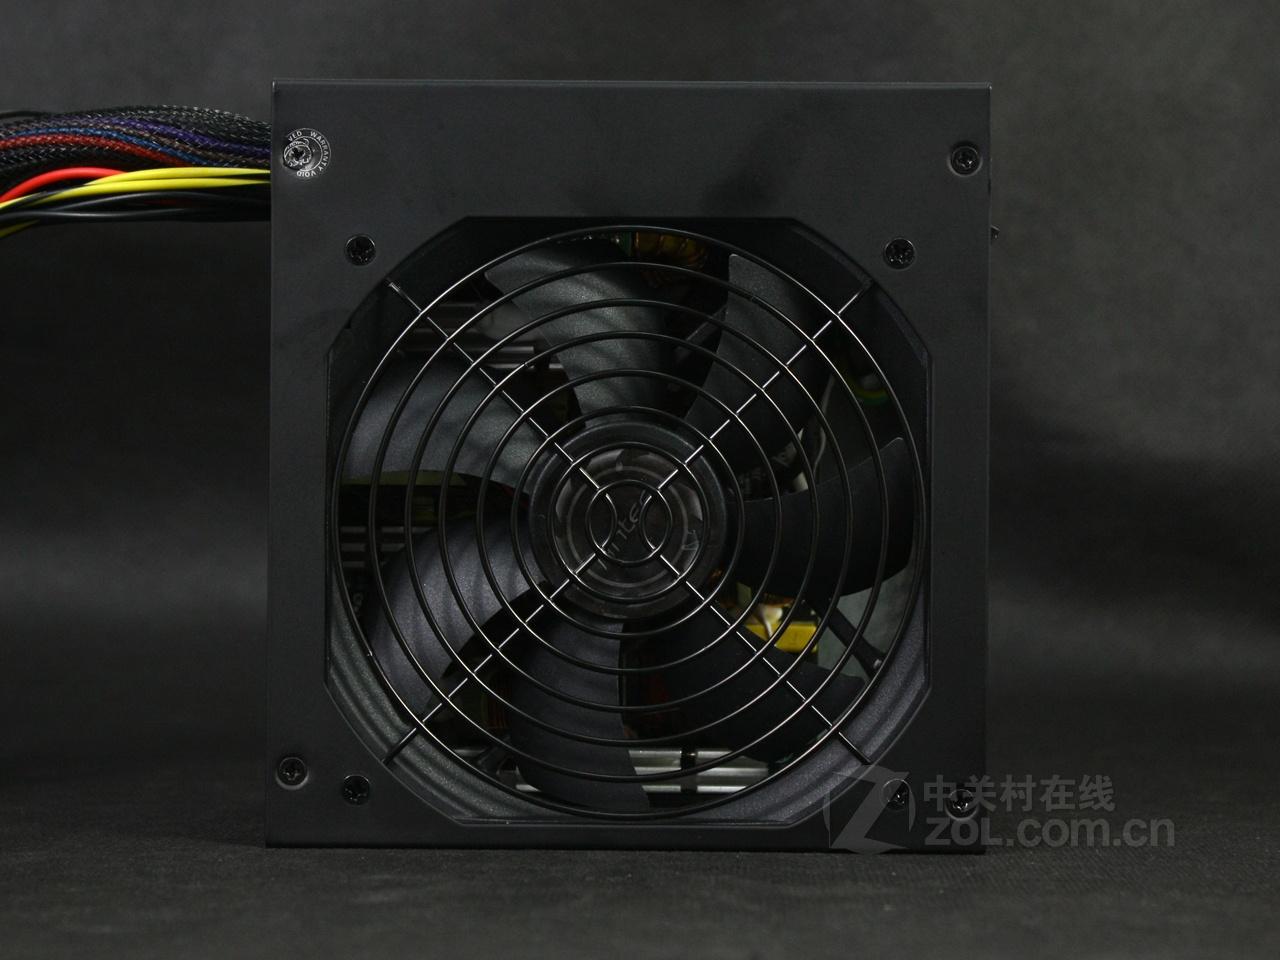 包邮 正品antec安钛克vp450p额定450w台式机电脑机箱静音电脑电源